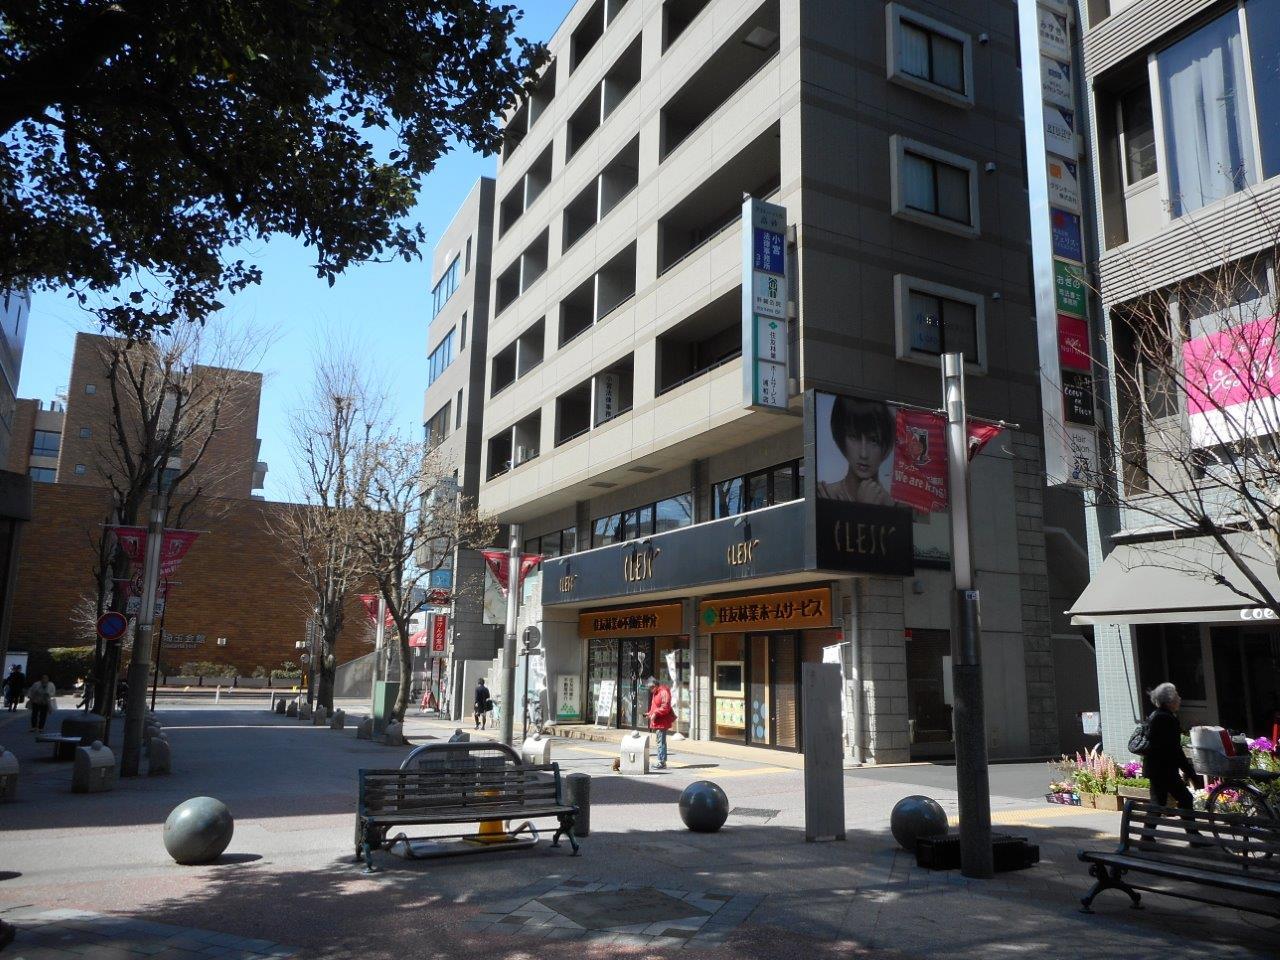 こちらのビルです。ビルの手前を右に曲がると左に入口があります。